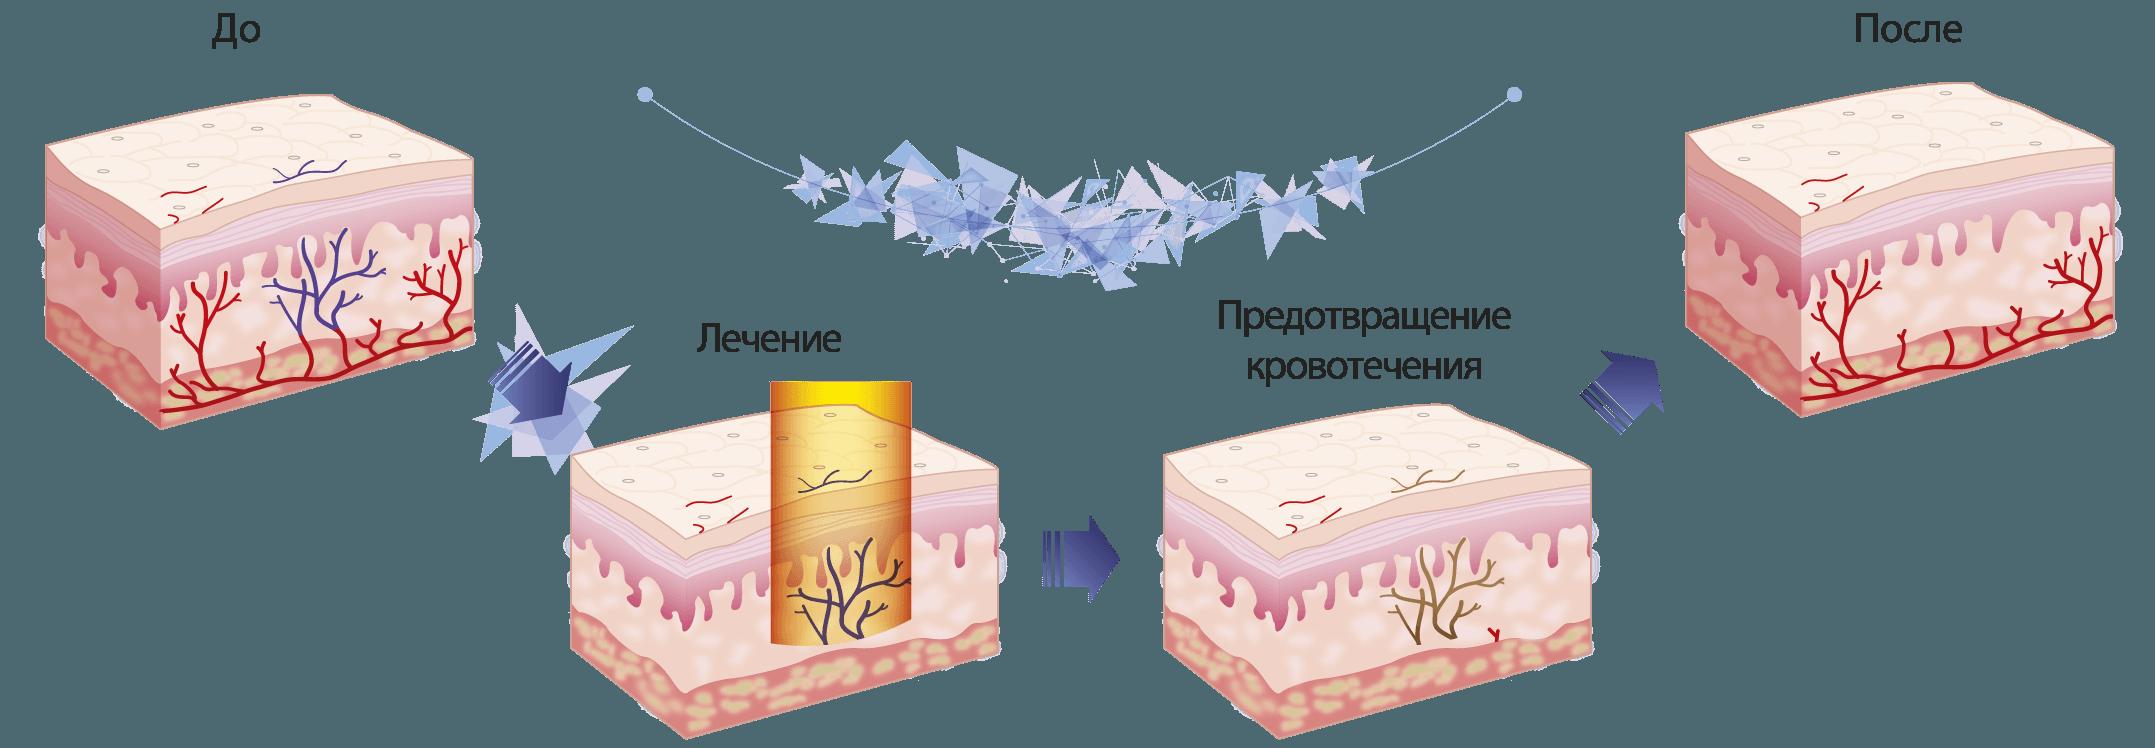 lazernoe ydalenie (1)